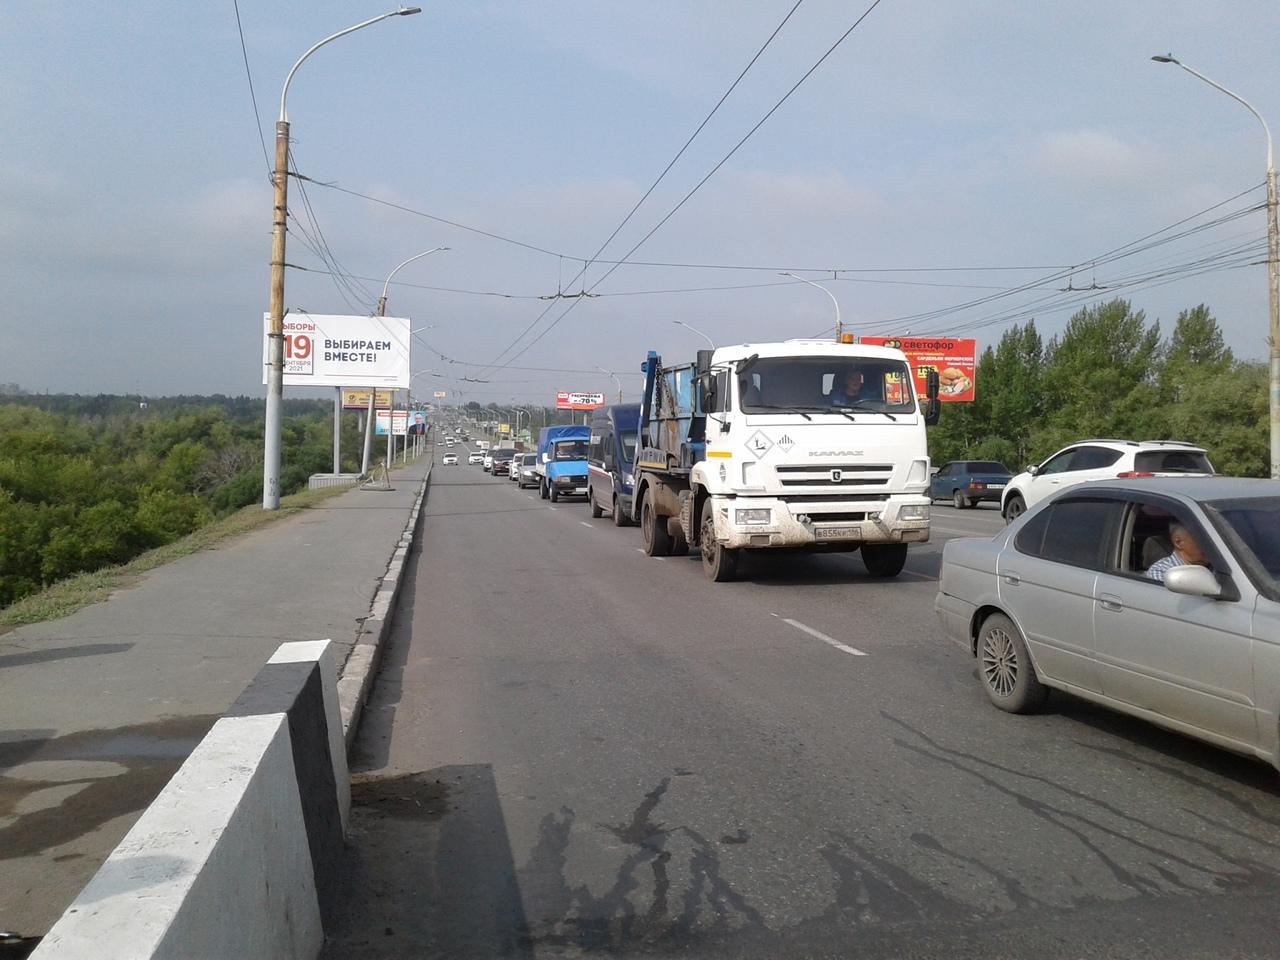 Ленинградский мост в Омске избавили от вечных стуков #Омск #Общество #Сегодня